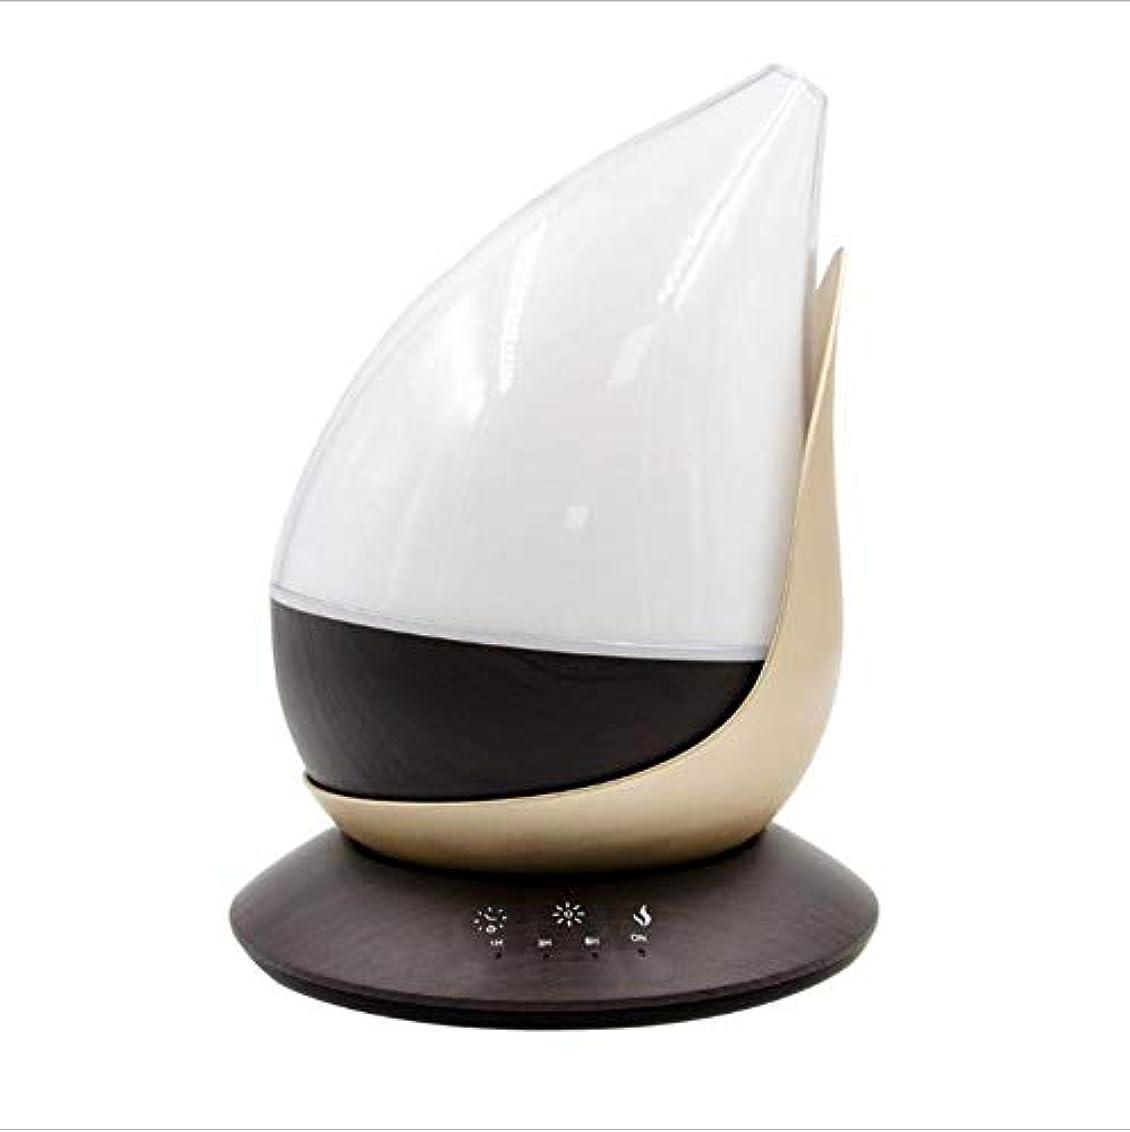 魅了するレオナルドダ優先図形をドロップします。 涼しい霧 加湿器,7 色 デスクトップ 加湿機 時間 自動シャット ダウン-オフ 精油 ディフューザー アロマネブライザー ホーム オフィス- 350ml